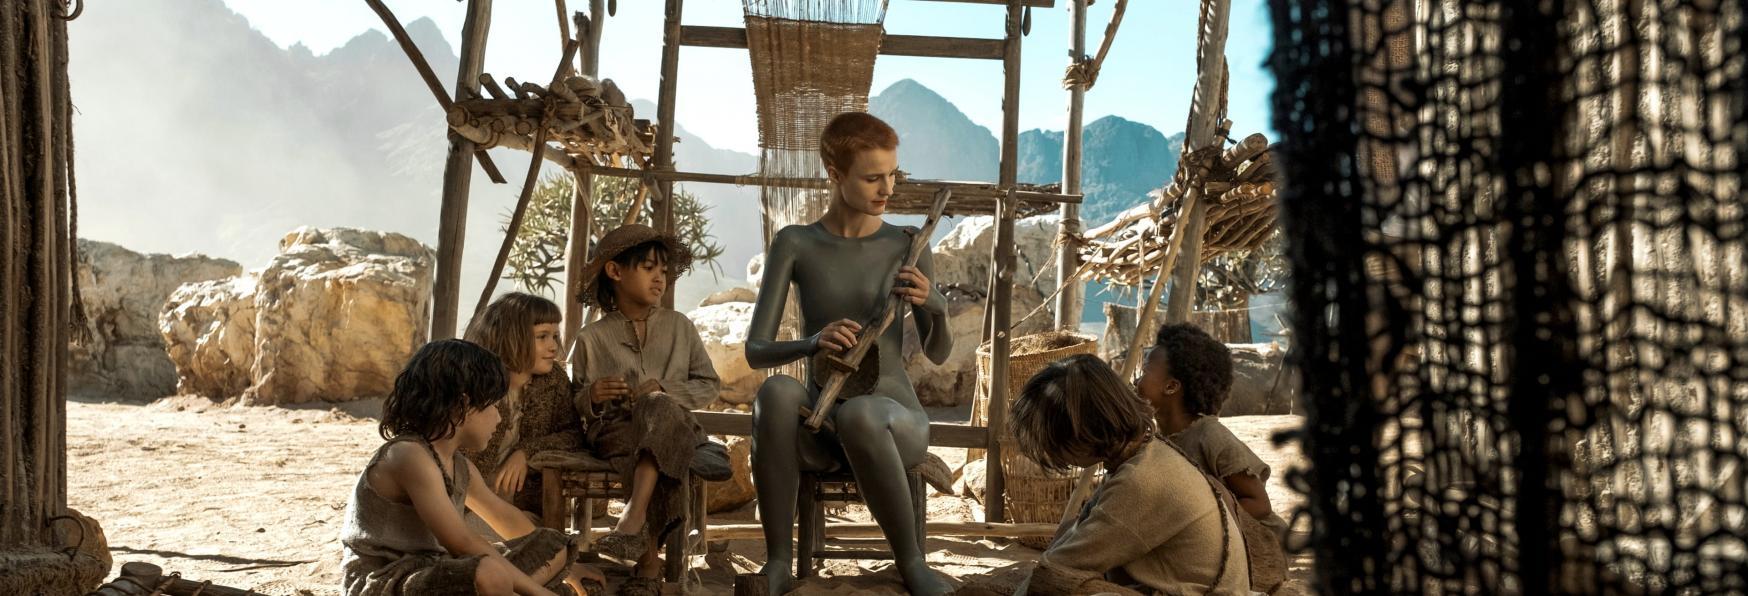 Raised by Wolves: la Recensione dei Primi Episodi della Serie TV targata HBO Max di Ridley Scott